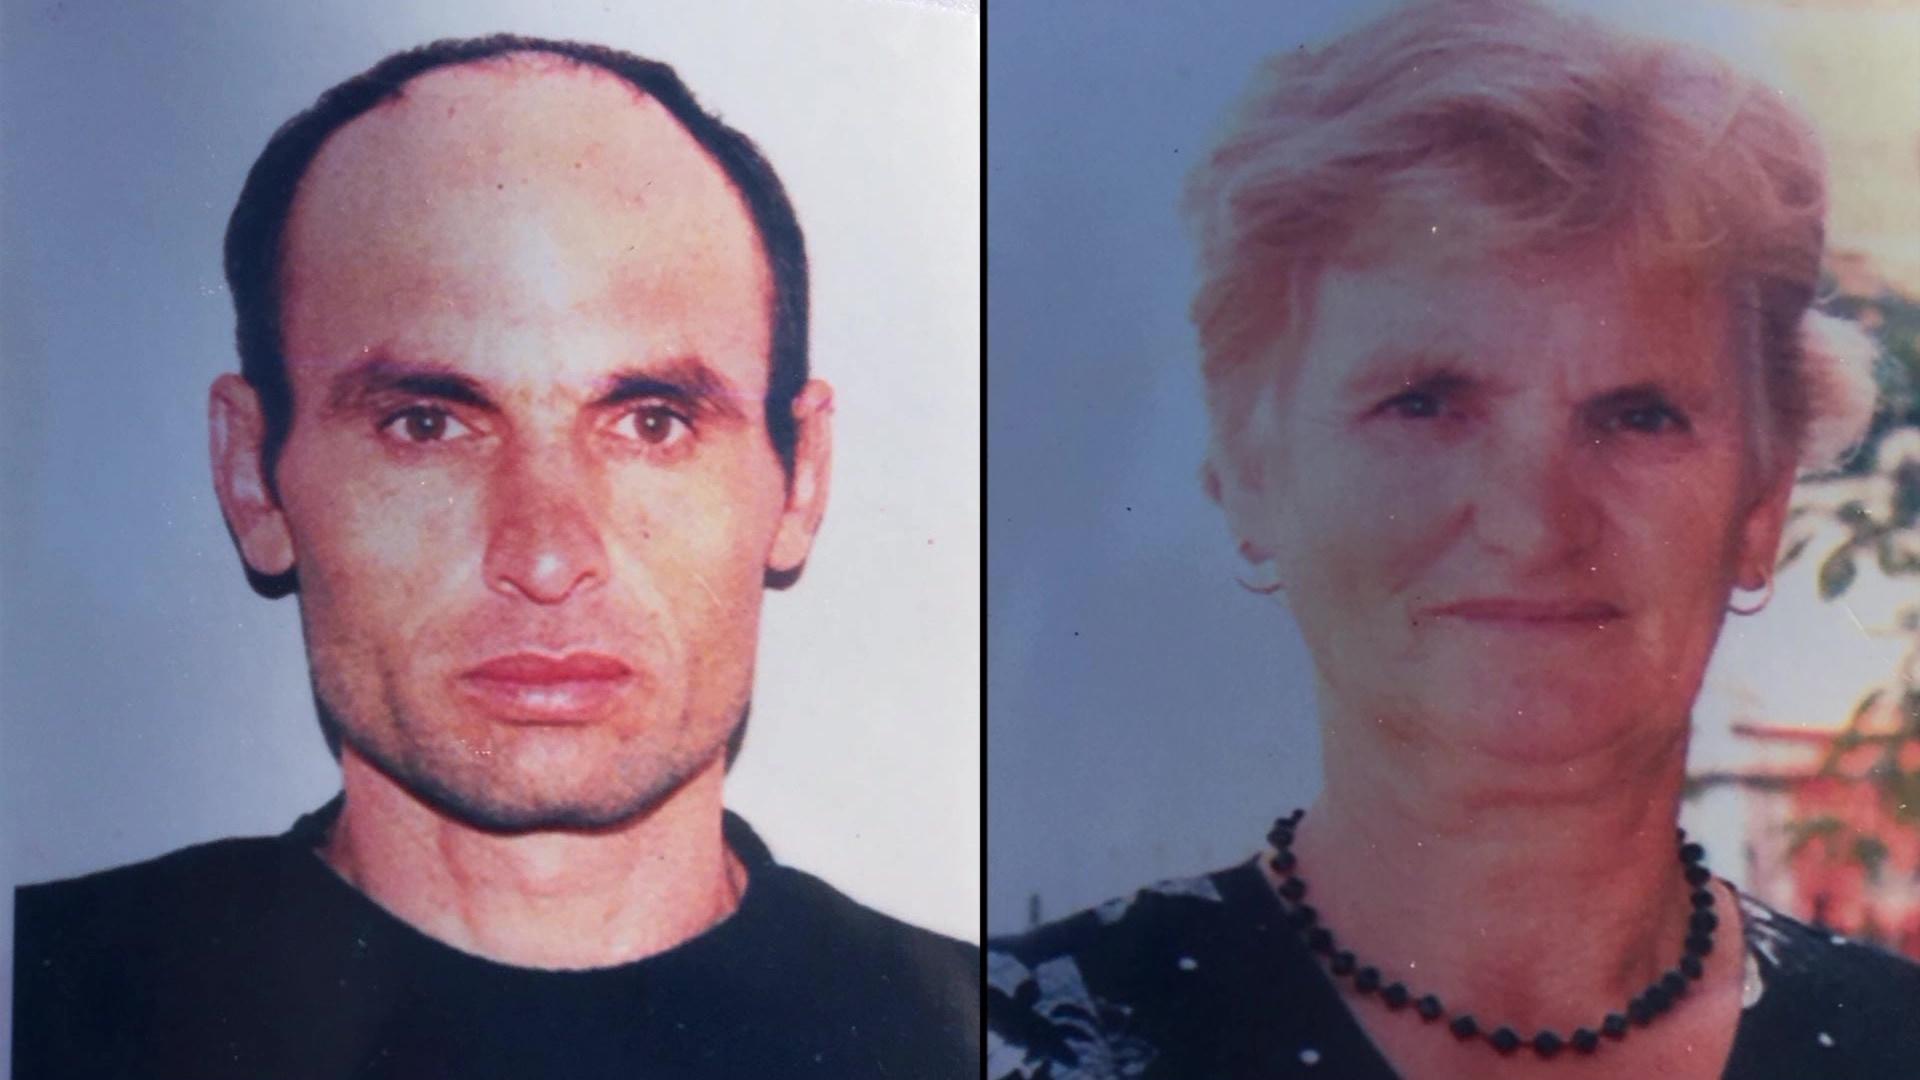 Vrasja e dyfishtë në Vlorë/Arrestohet gruaja e viktimës e miku i saj